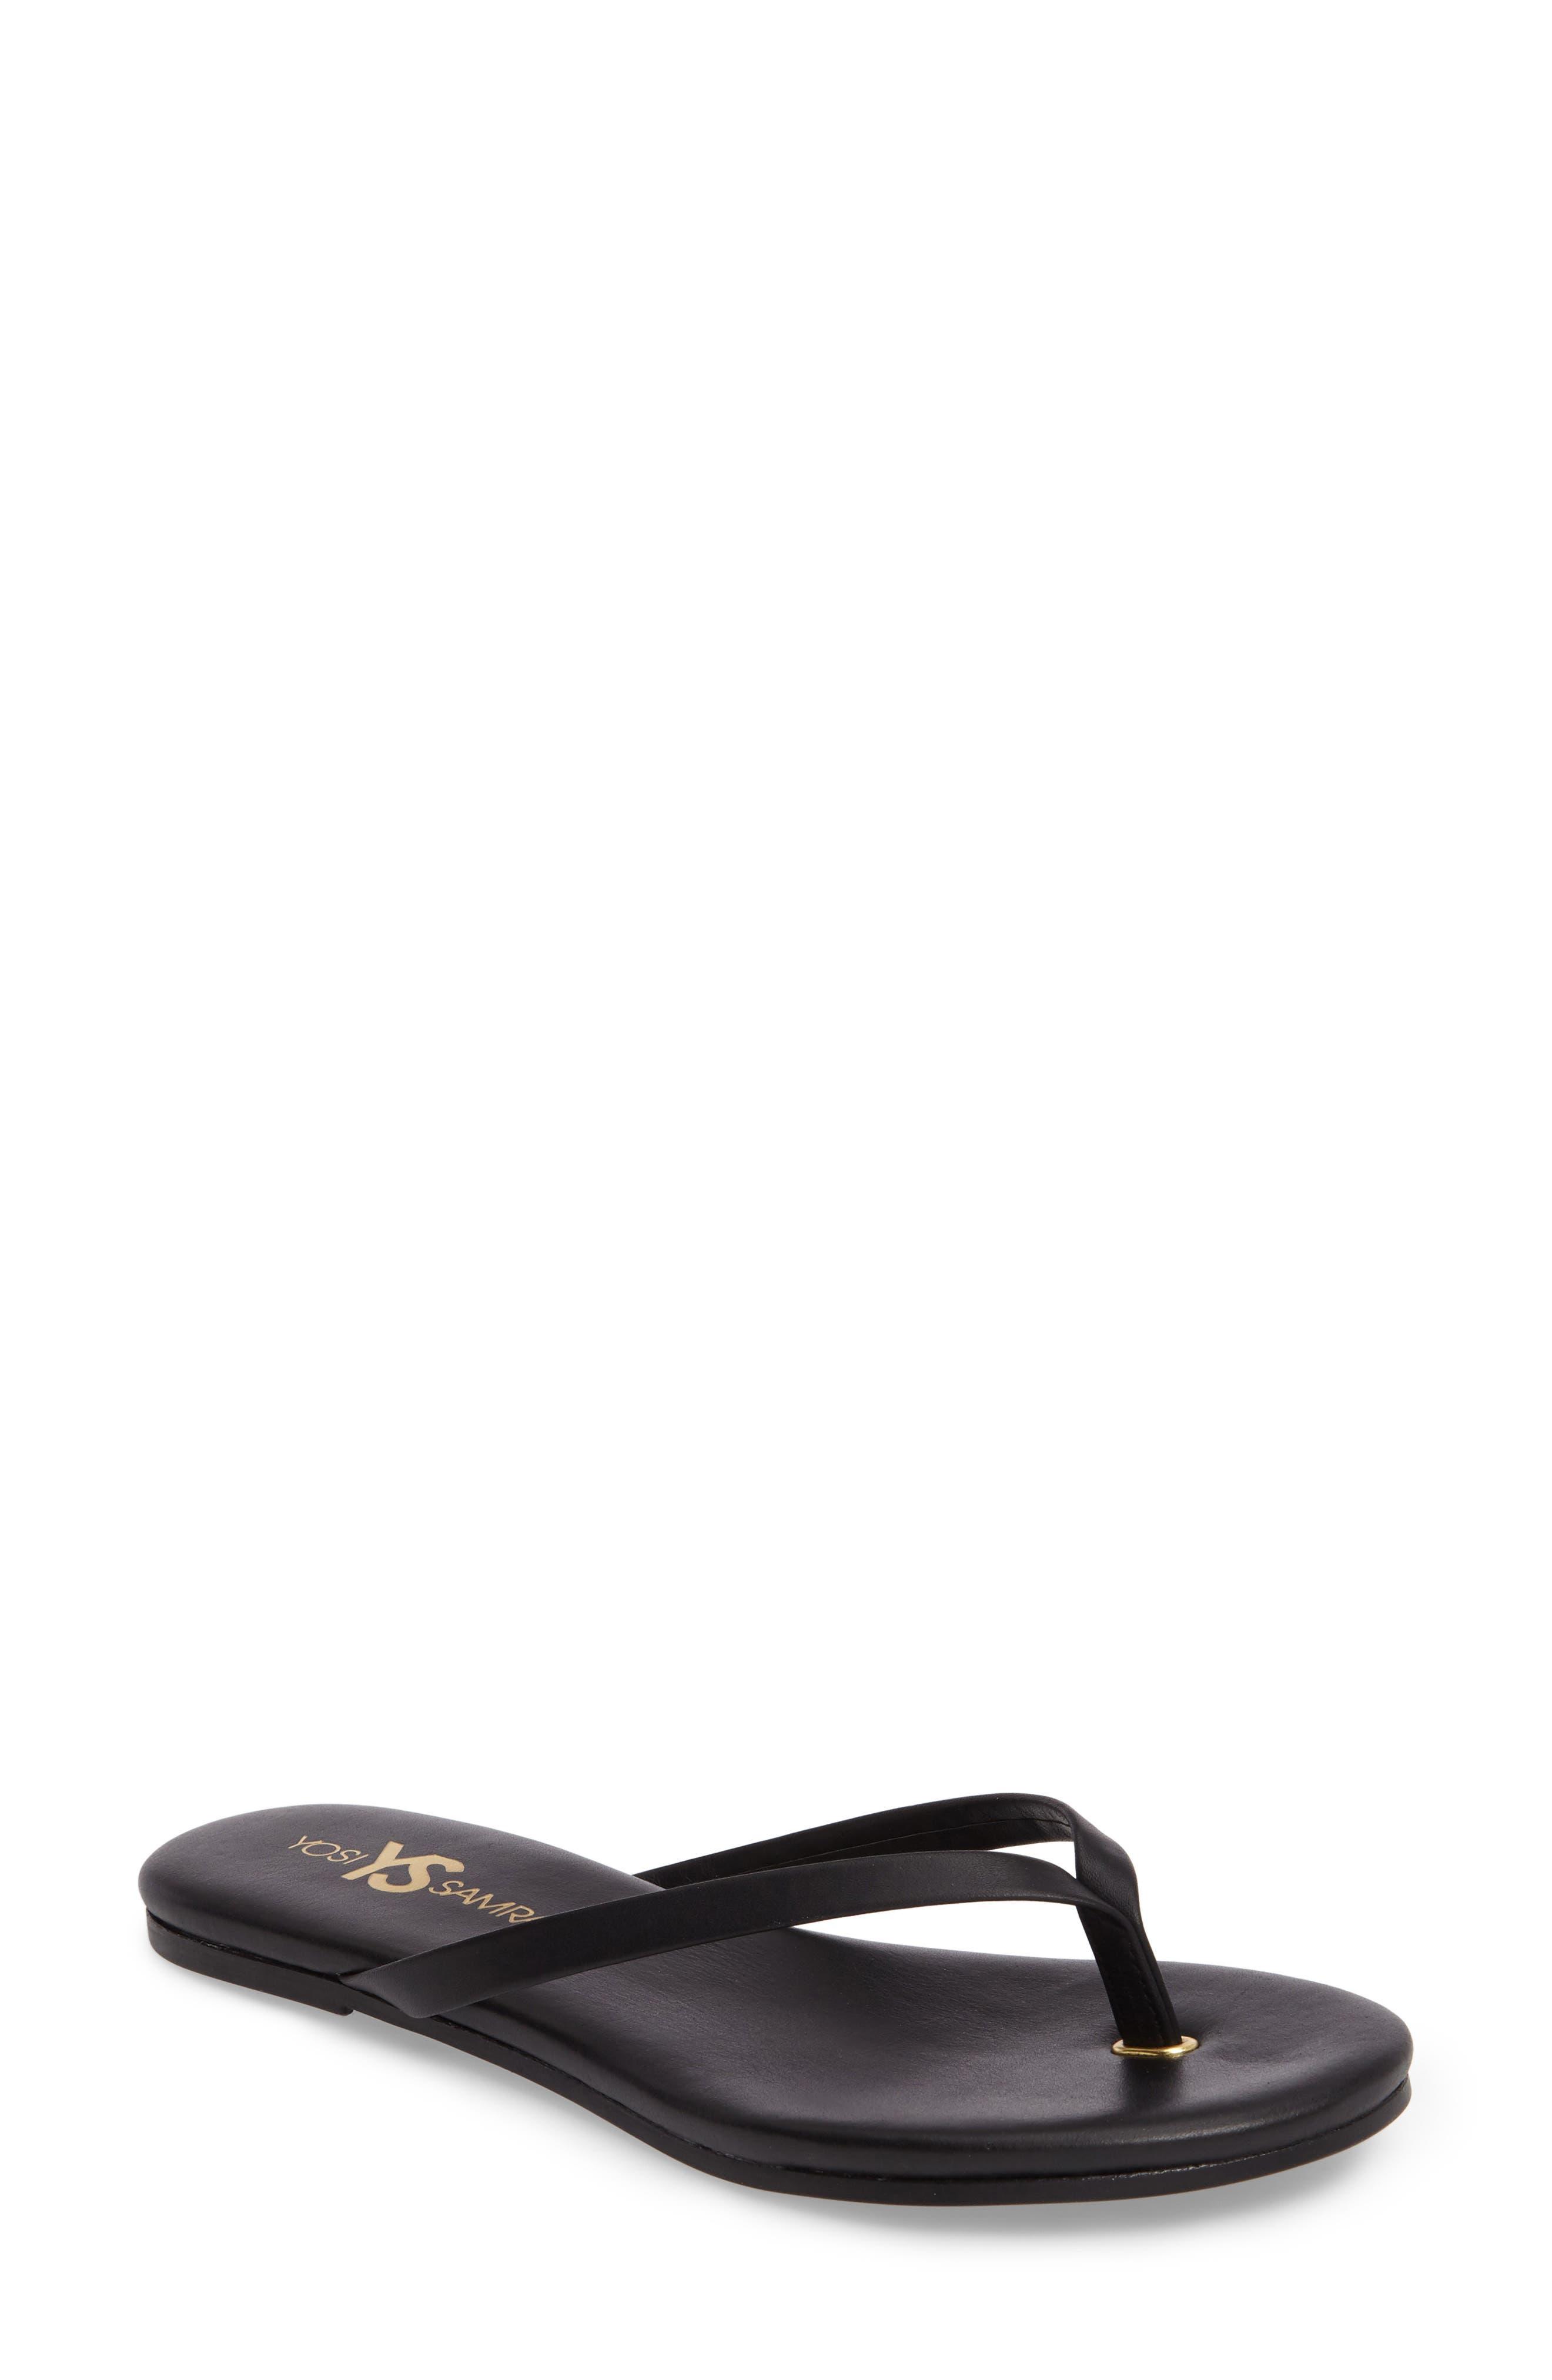 Rivington Flip Flop,                         Main,                         color, BLACK LEATHER